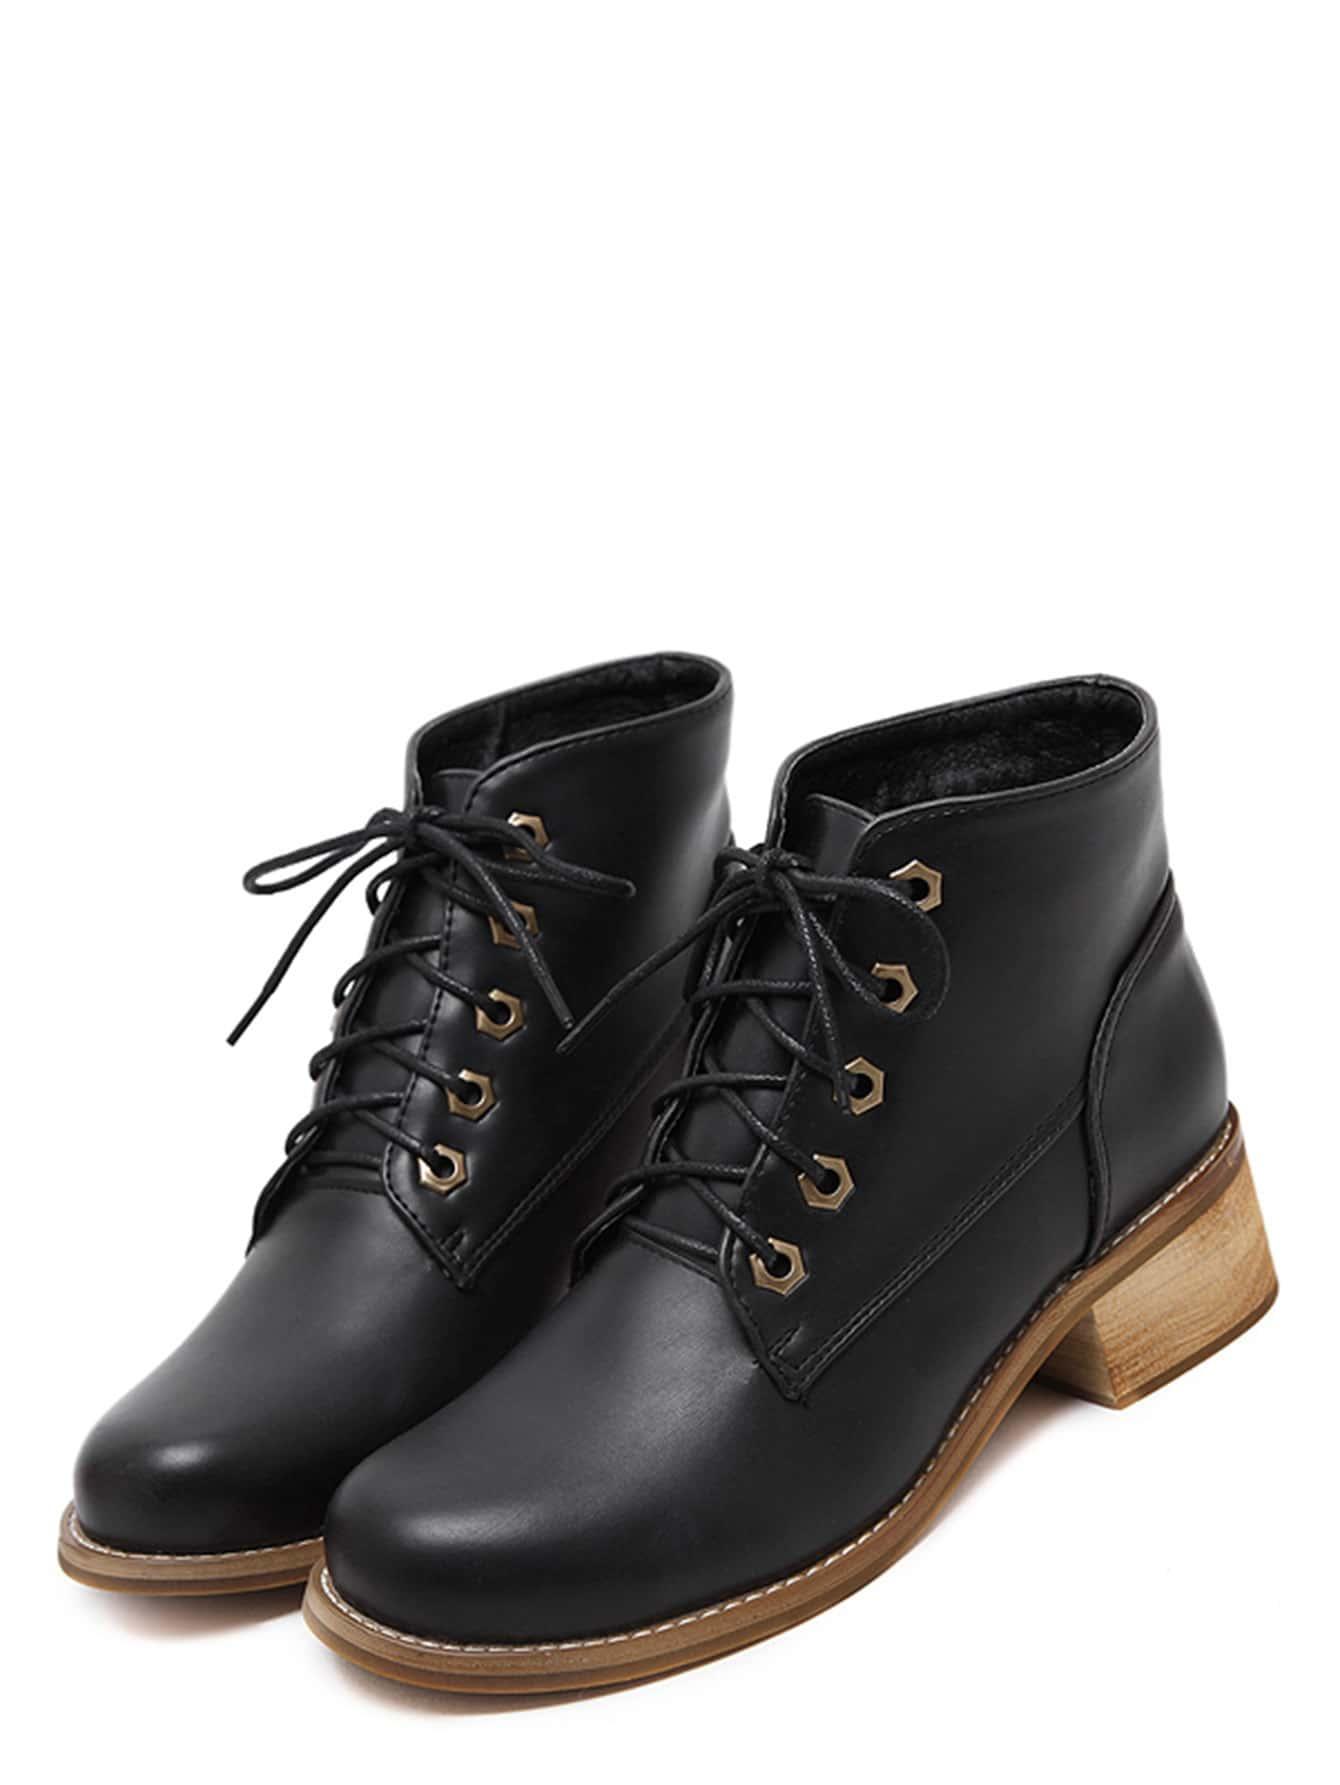 shoes161014808_2